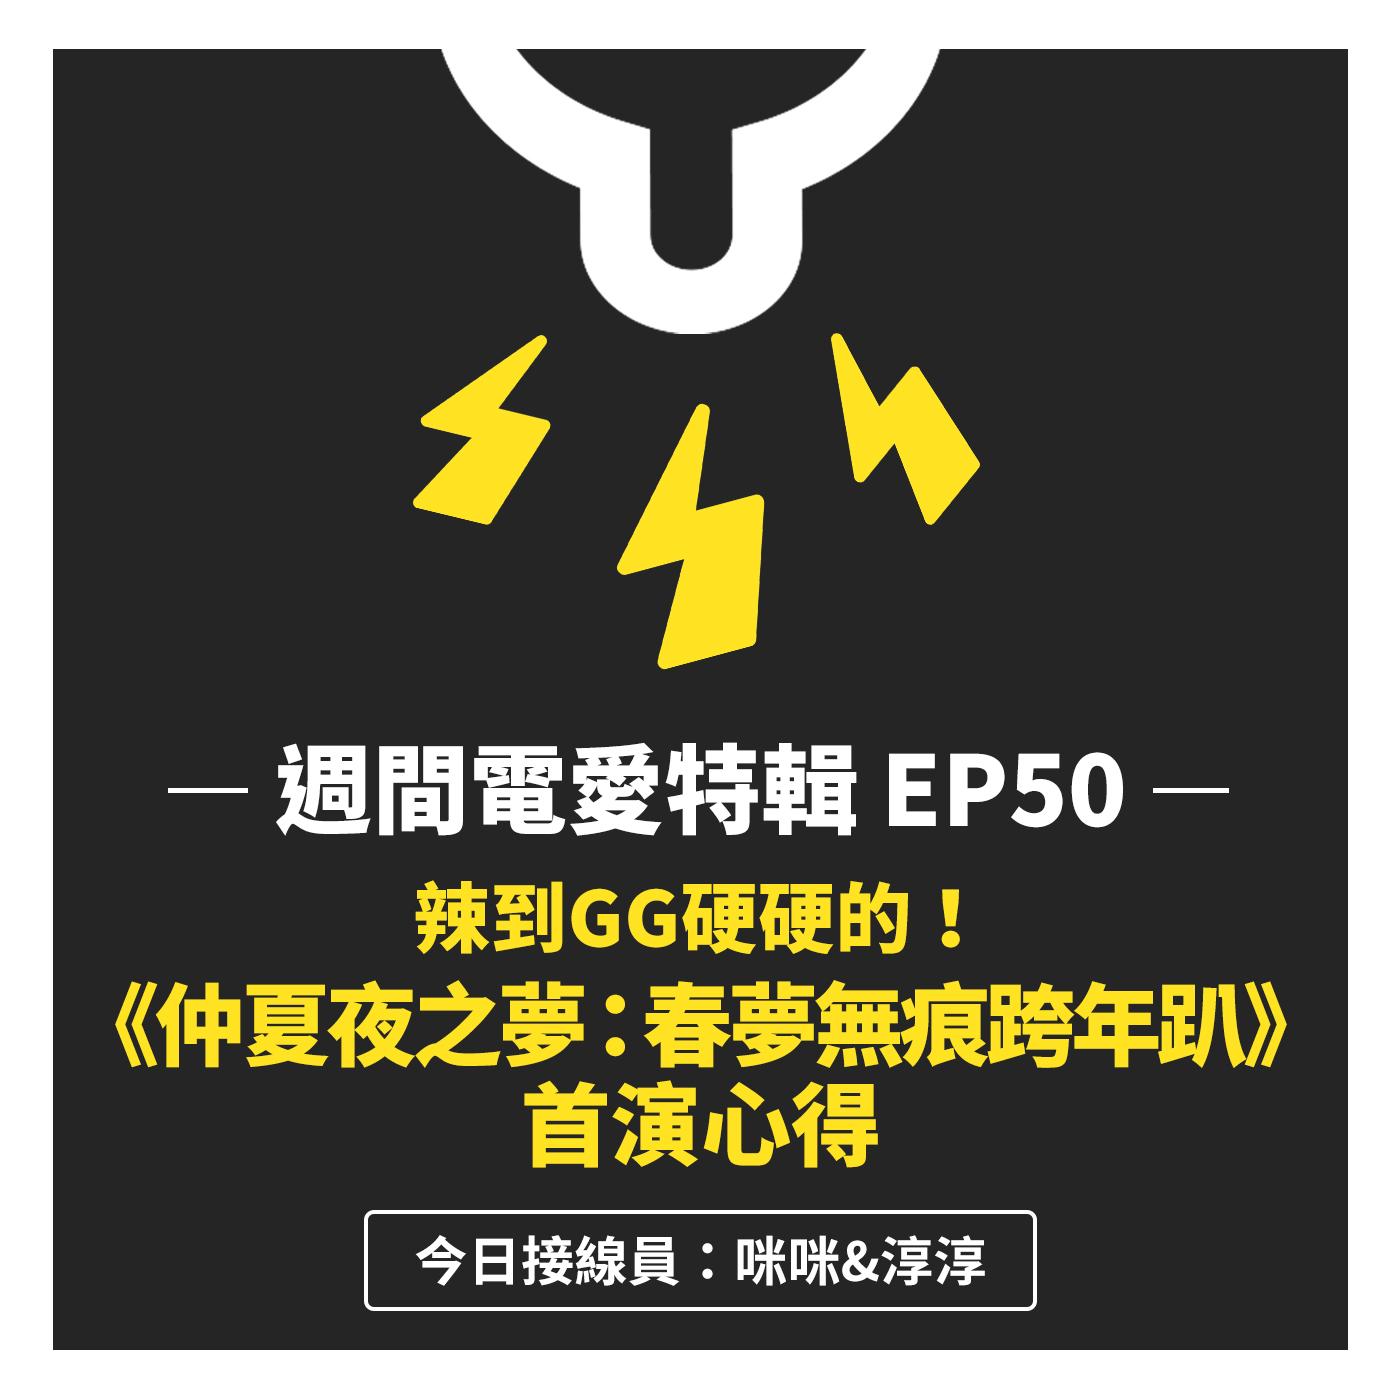 [週間電愛特輯] EP50 辣到GG硬硬的!《仲夏夜之夢:春夢無痕跨年趴》首演心得